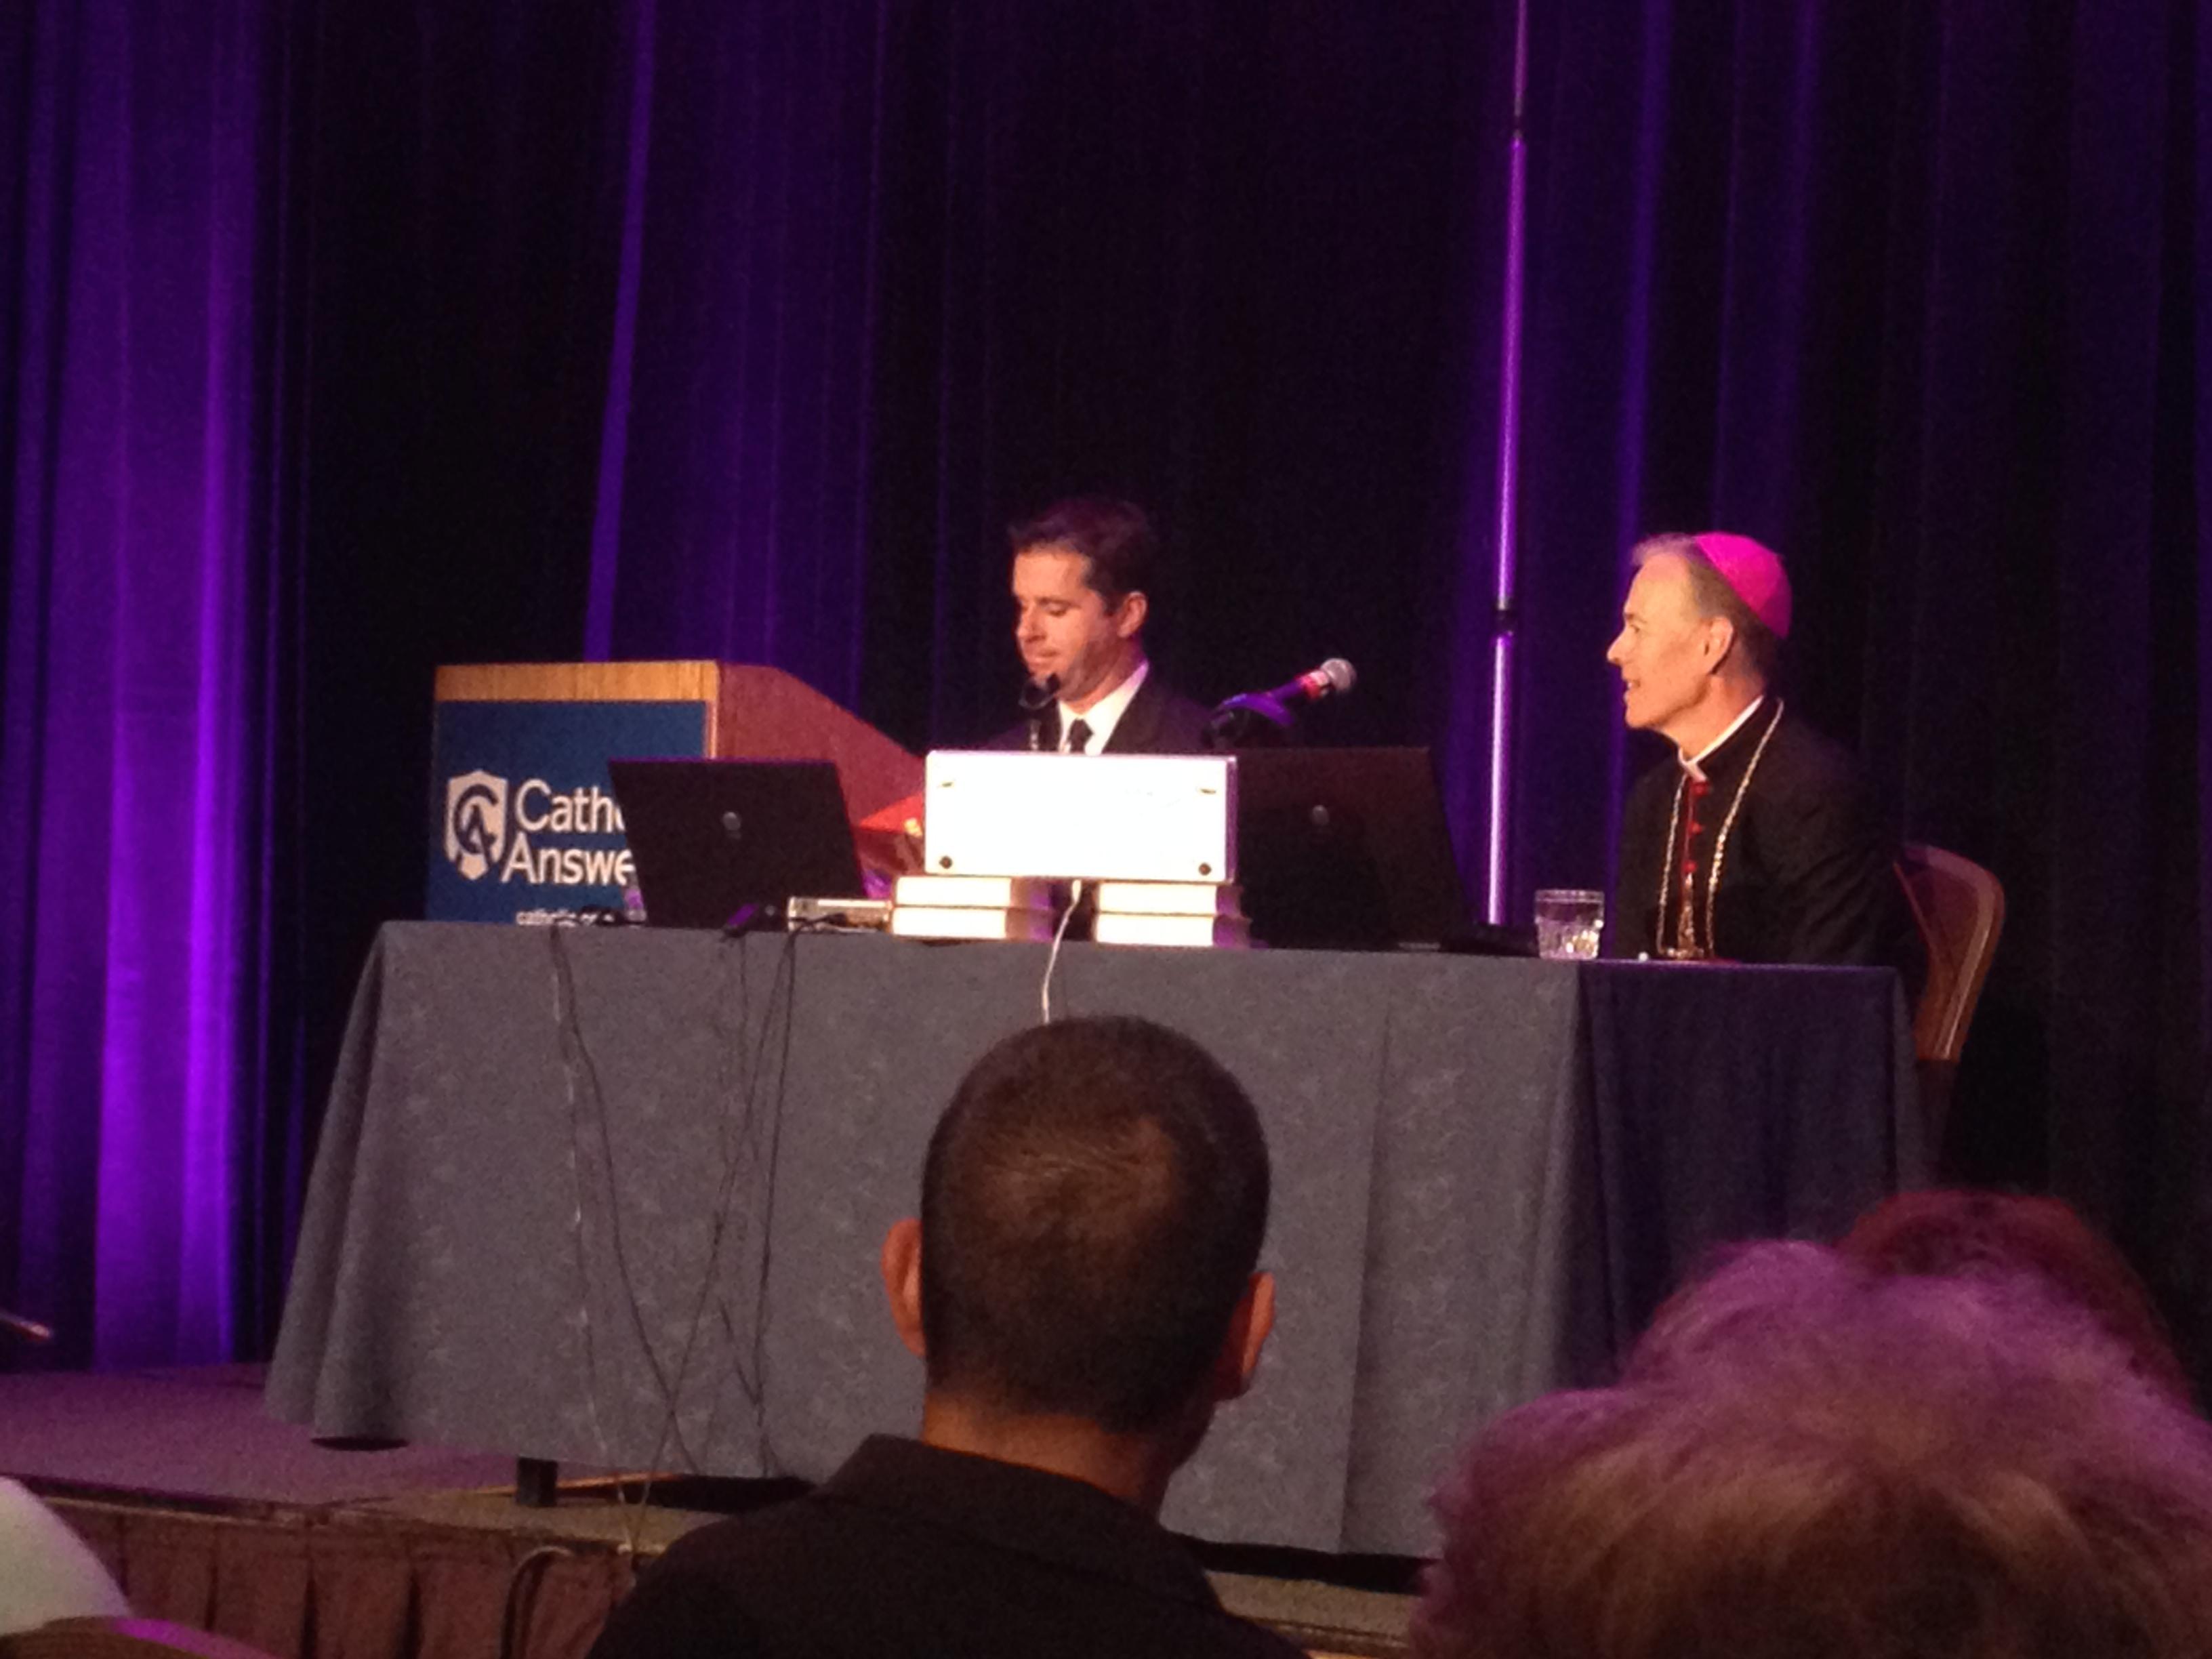 Catholic Answers Conference 2014 | This Catholic Man